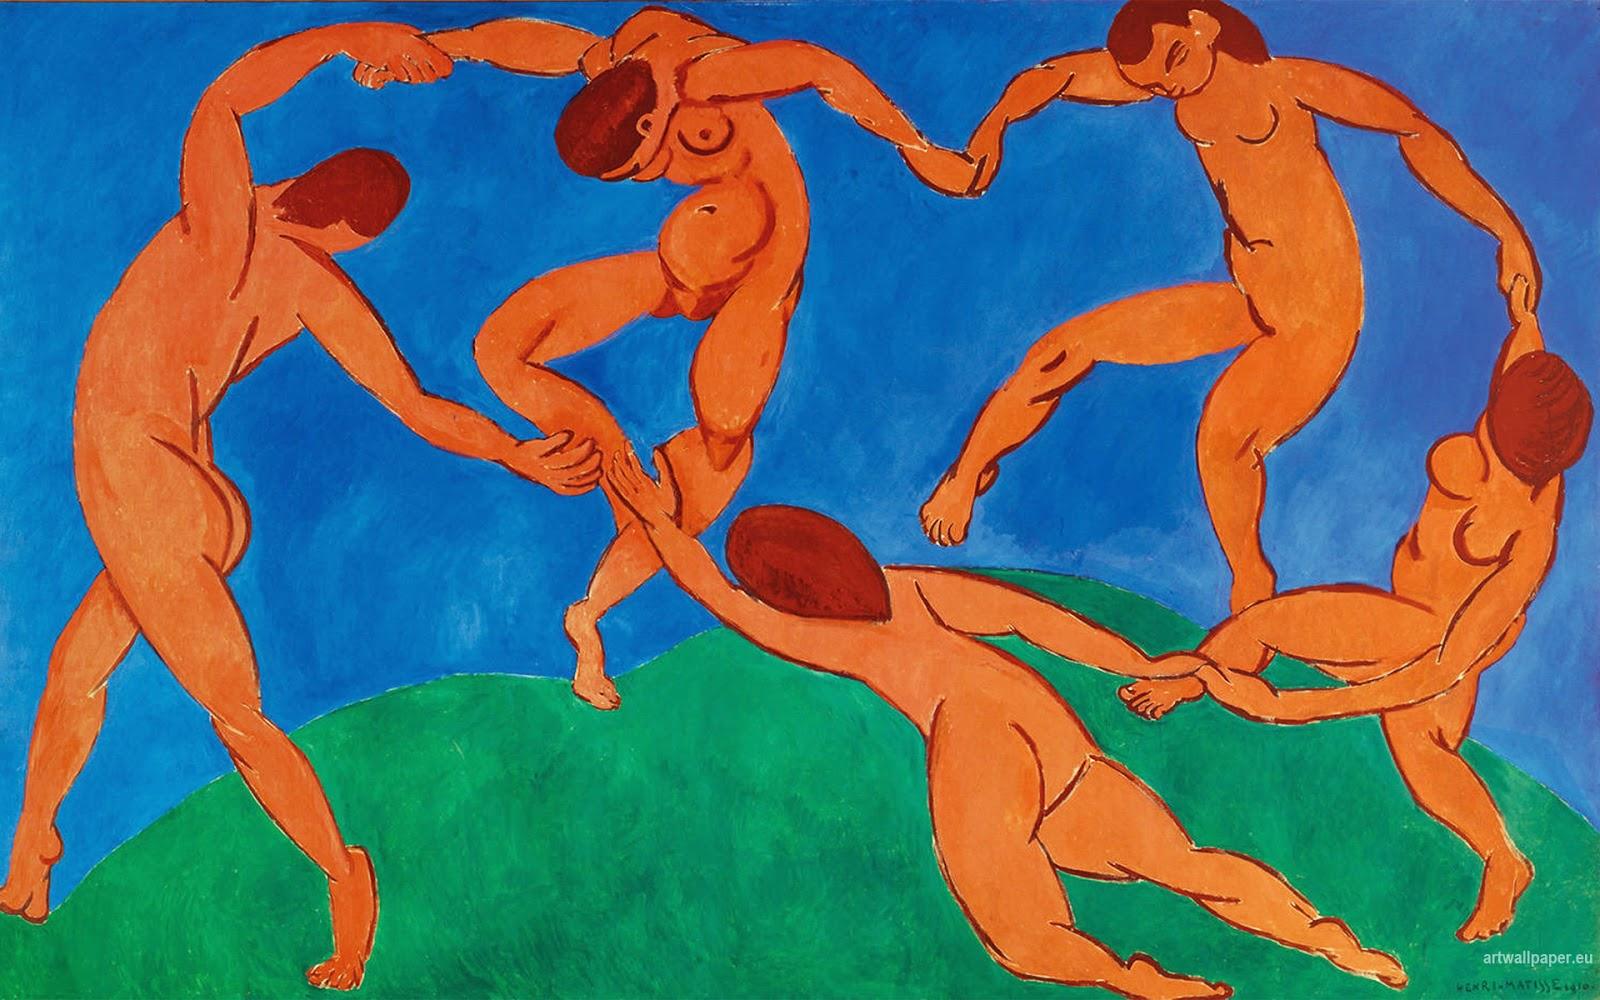 Henri Matisse, la Danza, 1910, Museo dell'Ermitage, San Pietroburgo